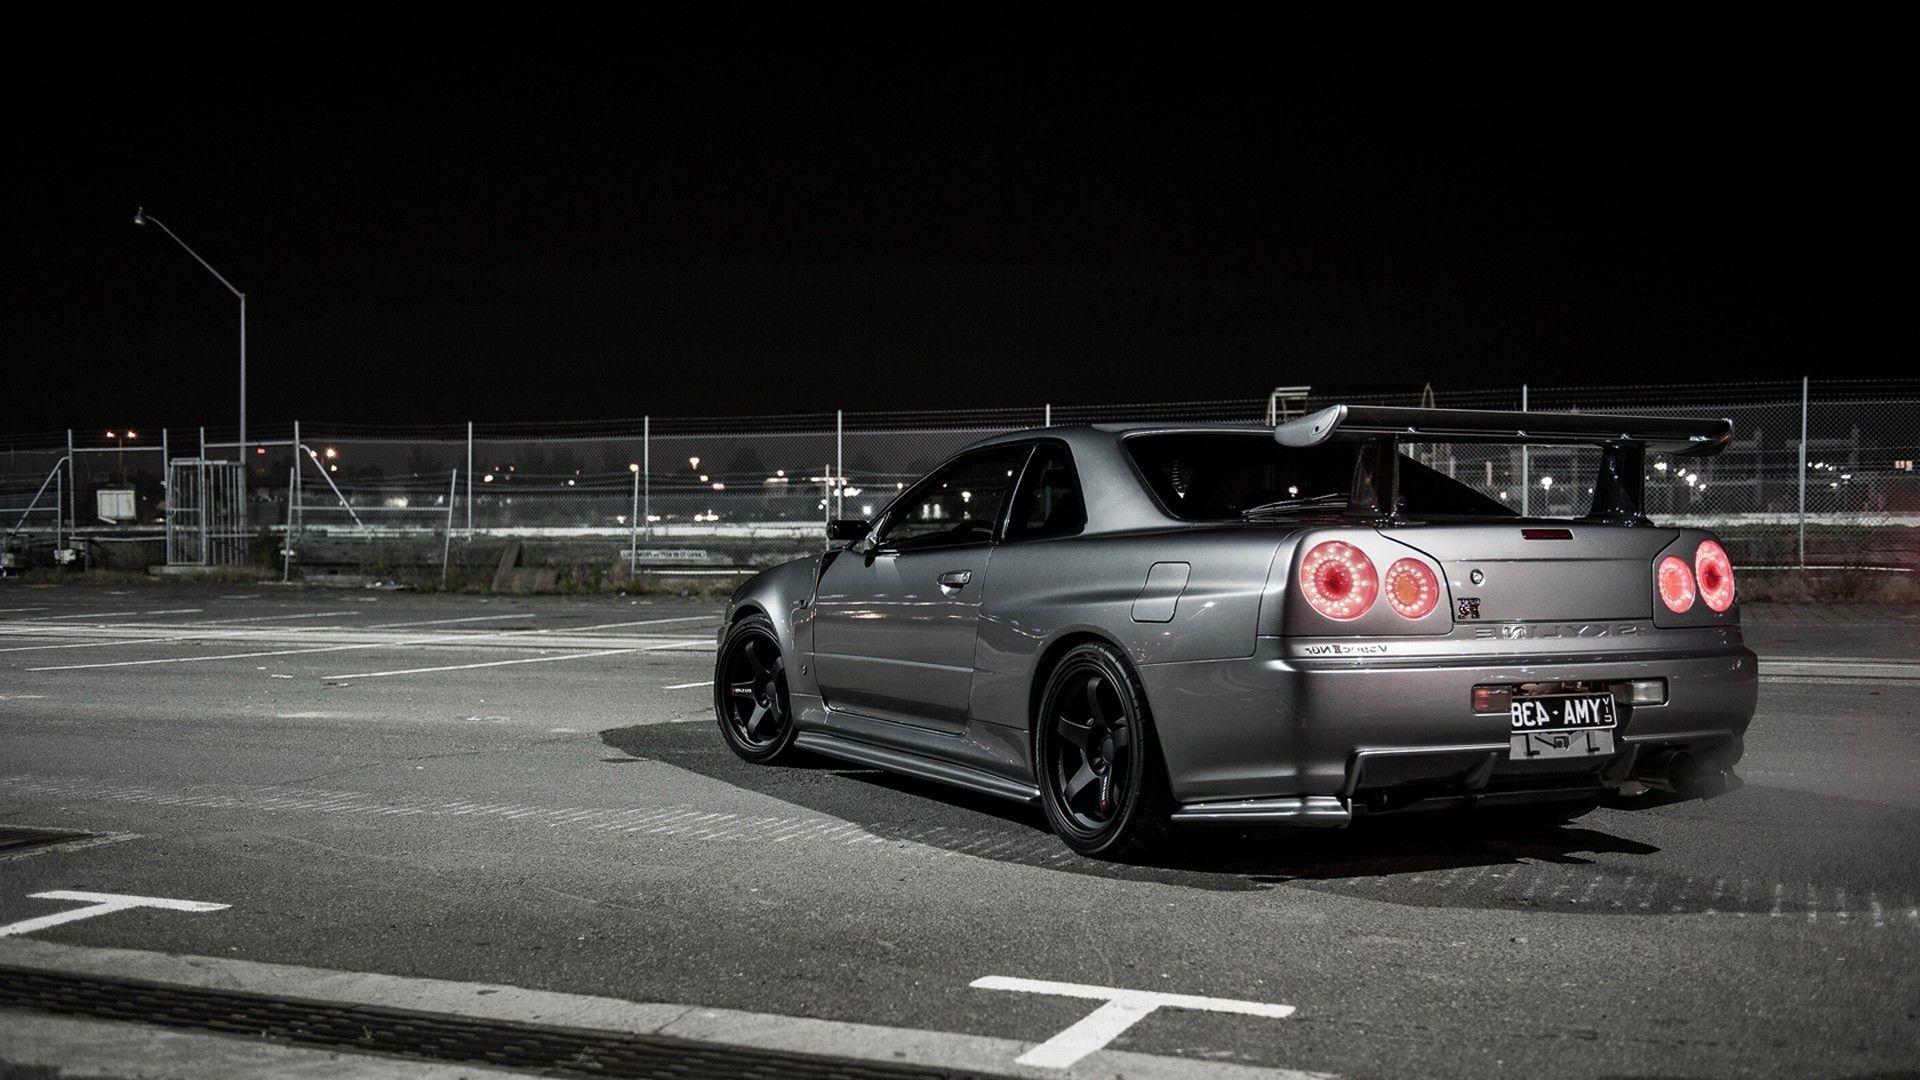 Nissan Skyline R HD Desktop Wallpaper : Widescreen : High